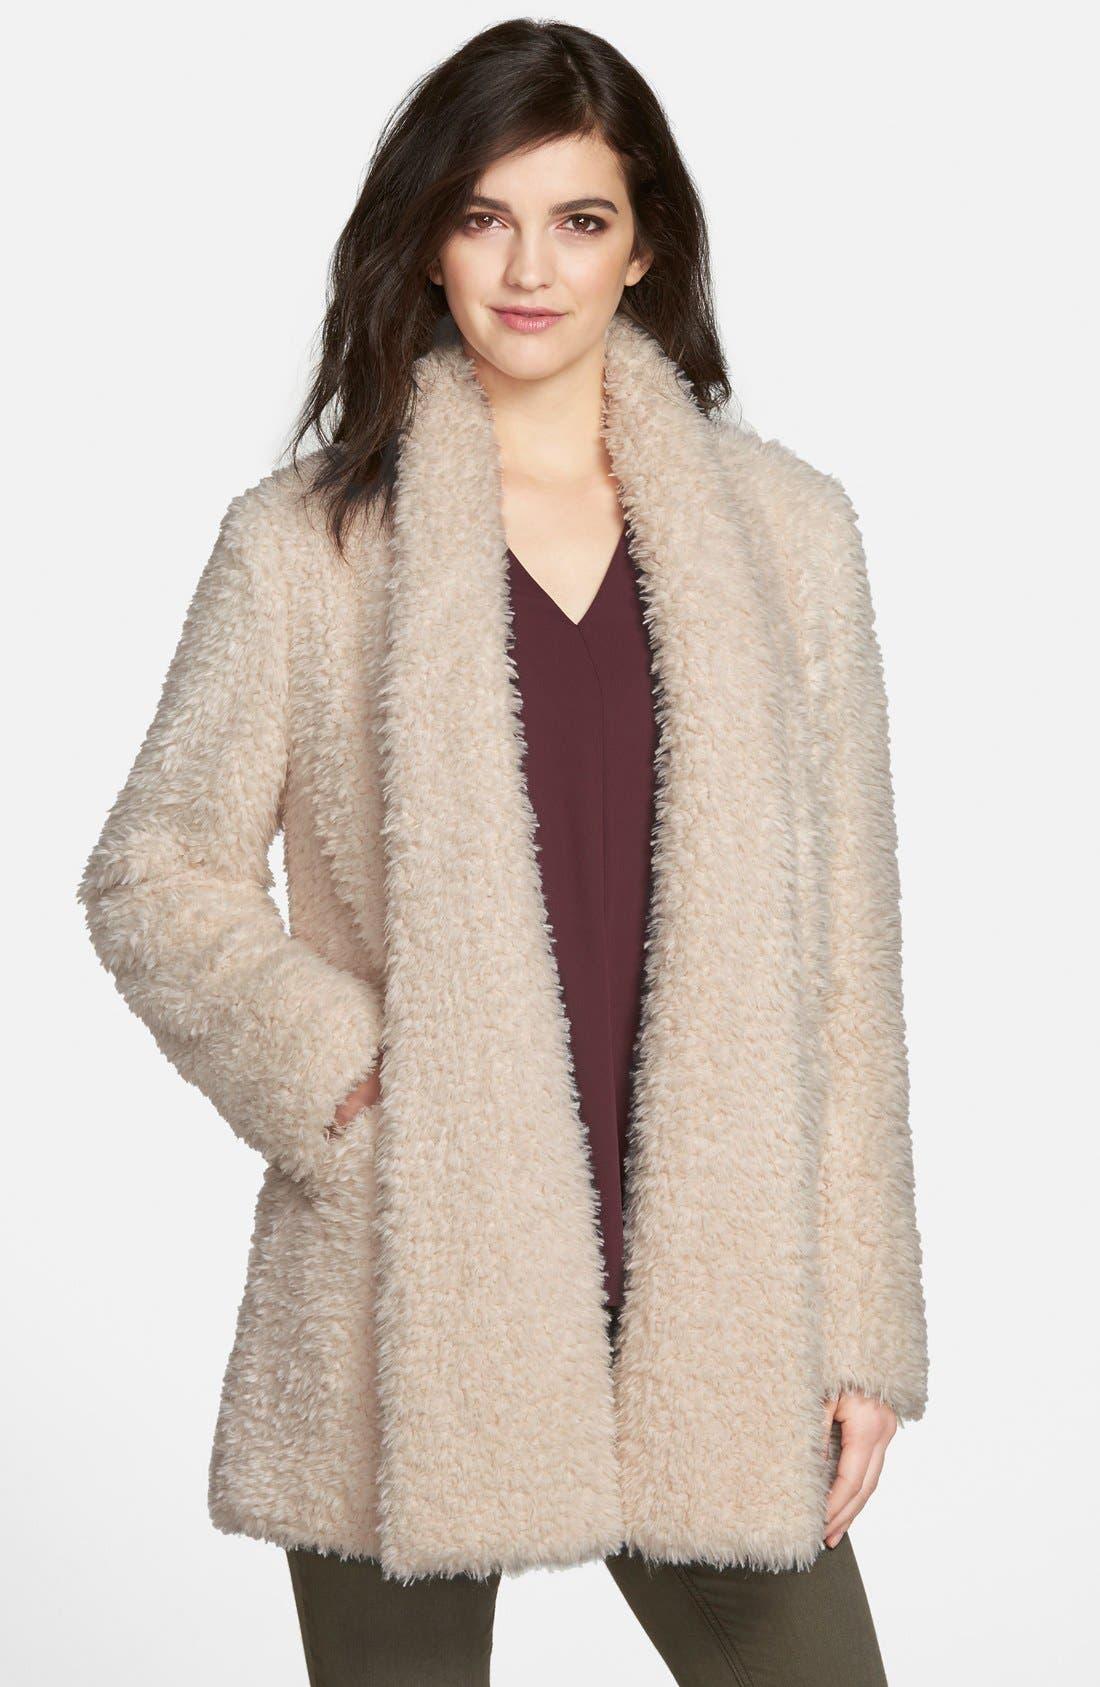 Kenneth Cole New York 'Teddy Bear' Faux Fur Clutch Coat